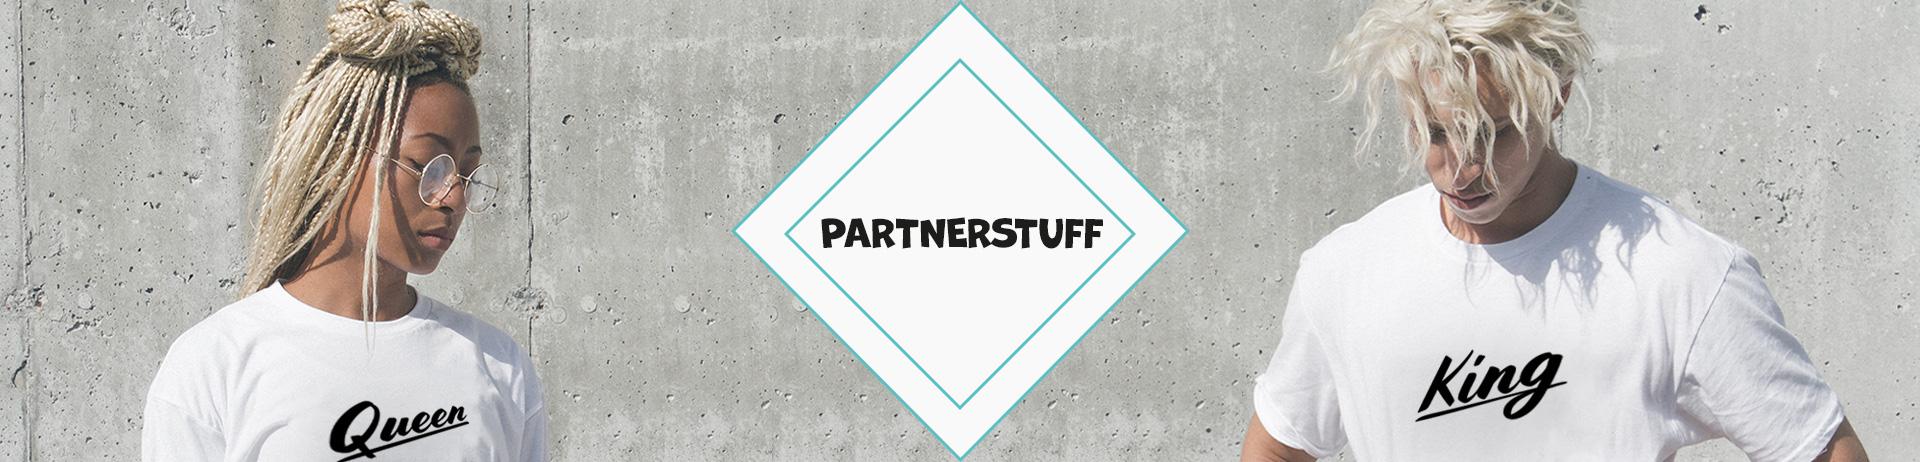 Pärchen Shirt - Partnerstuff Shirts   Herren